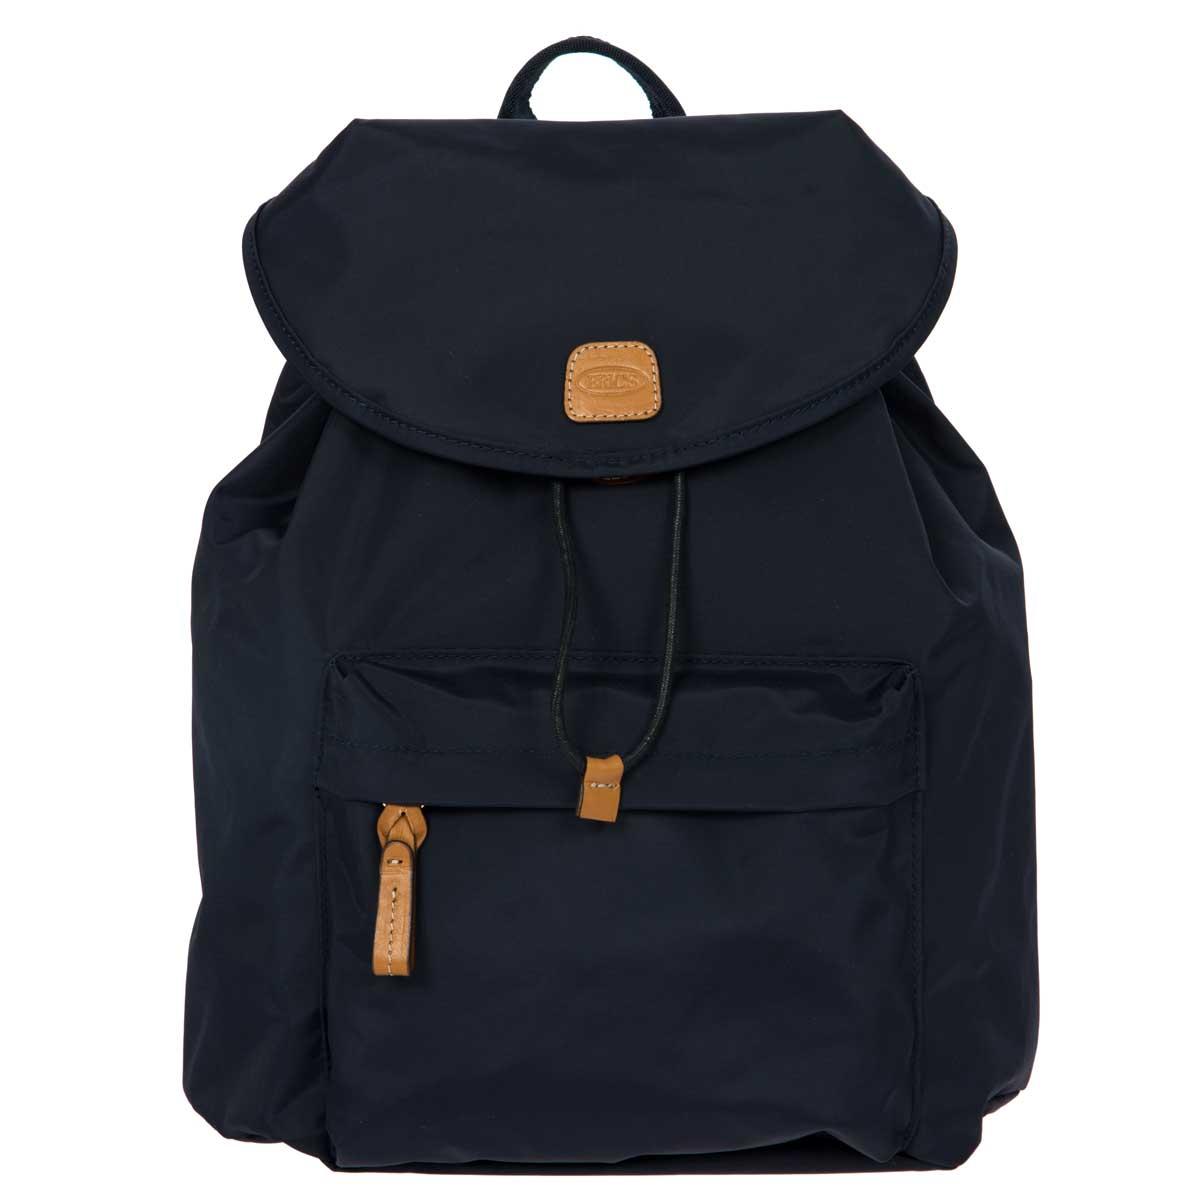 f0683c4b35 X-Bag City Backpack